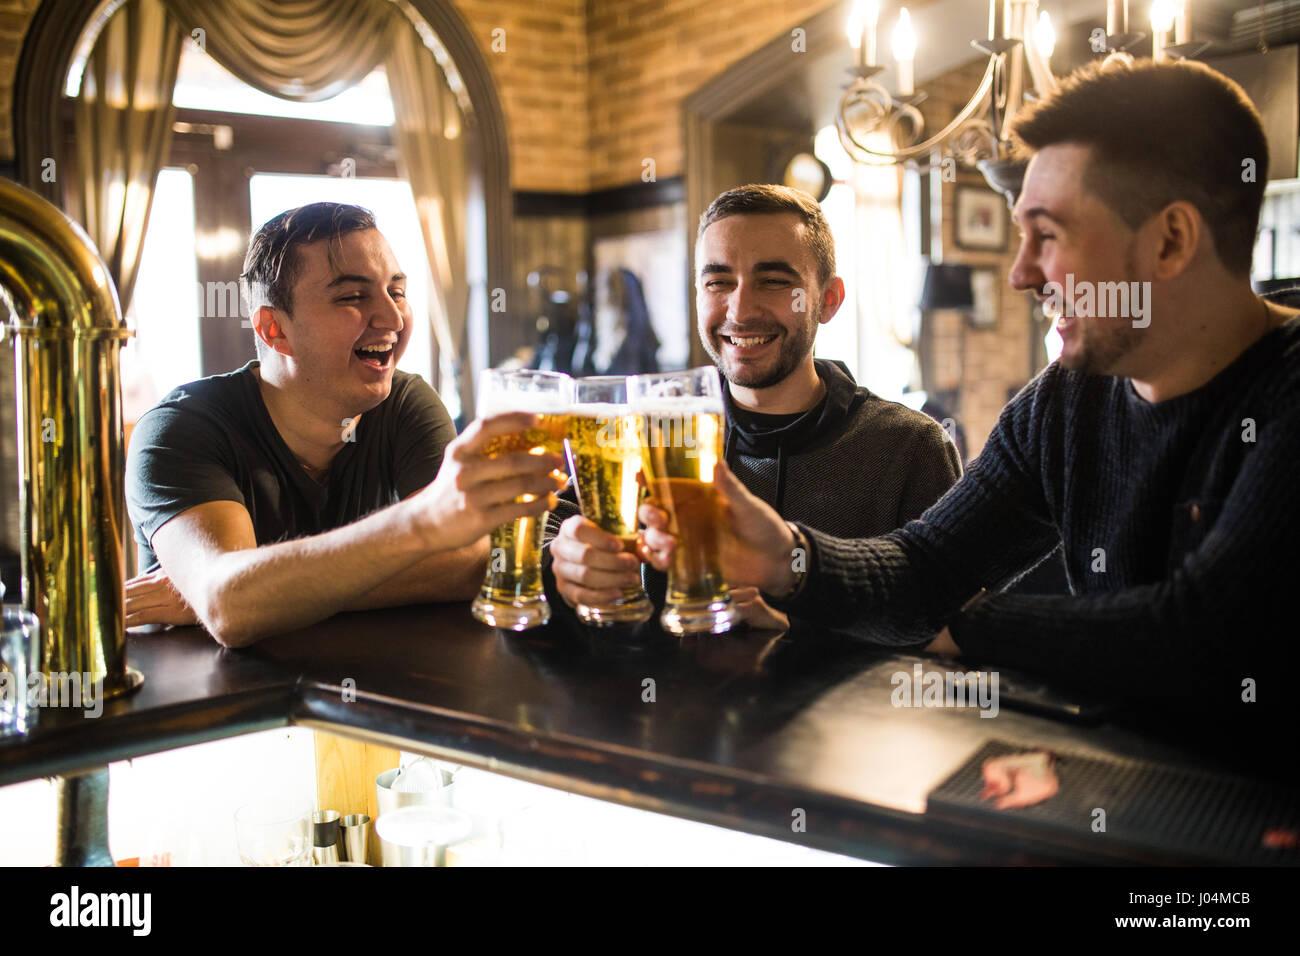 Tres hombres jóvenes felices en ropa casual hablando y bebiendo cerveza mientras está sentado en el mostrador Imagen De Stock